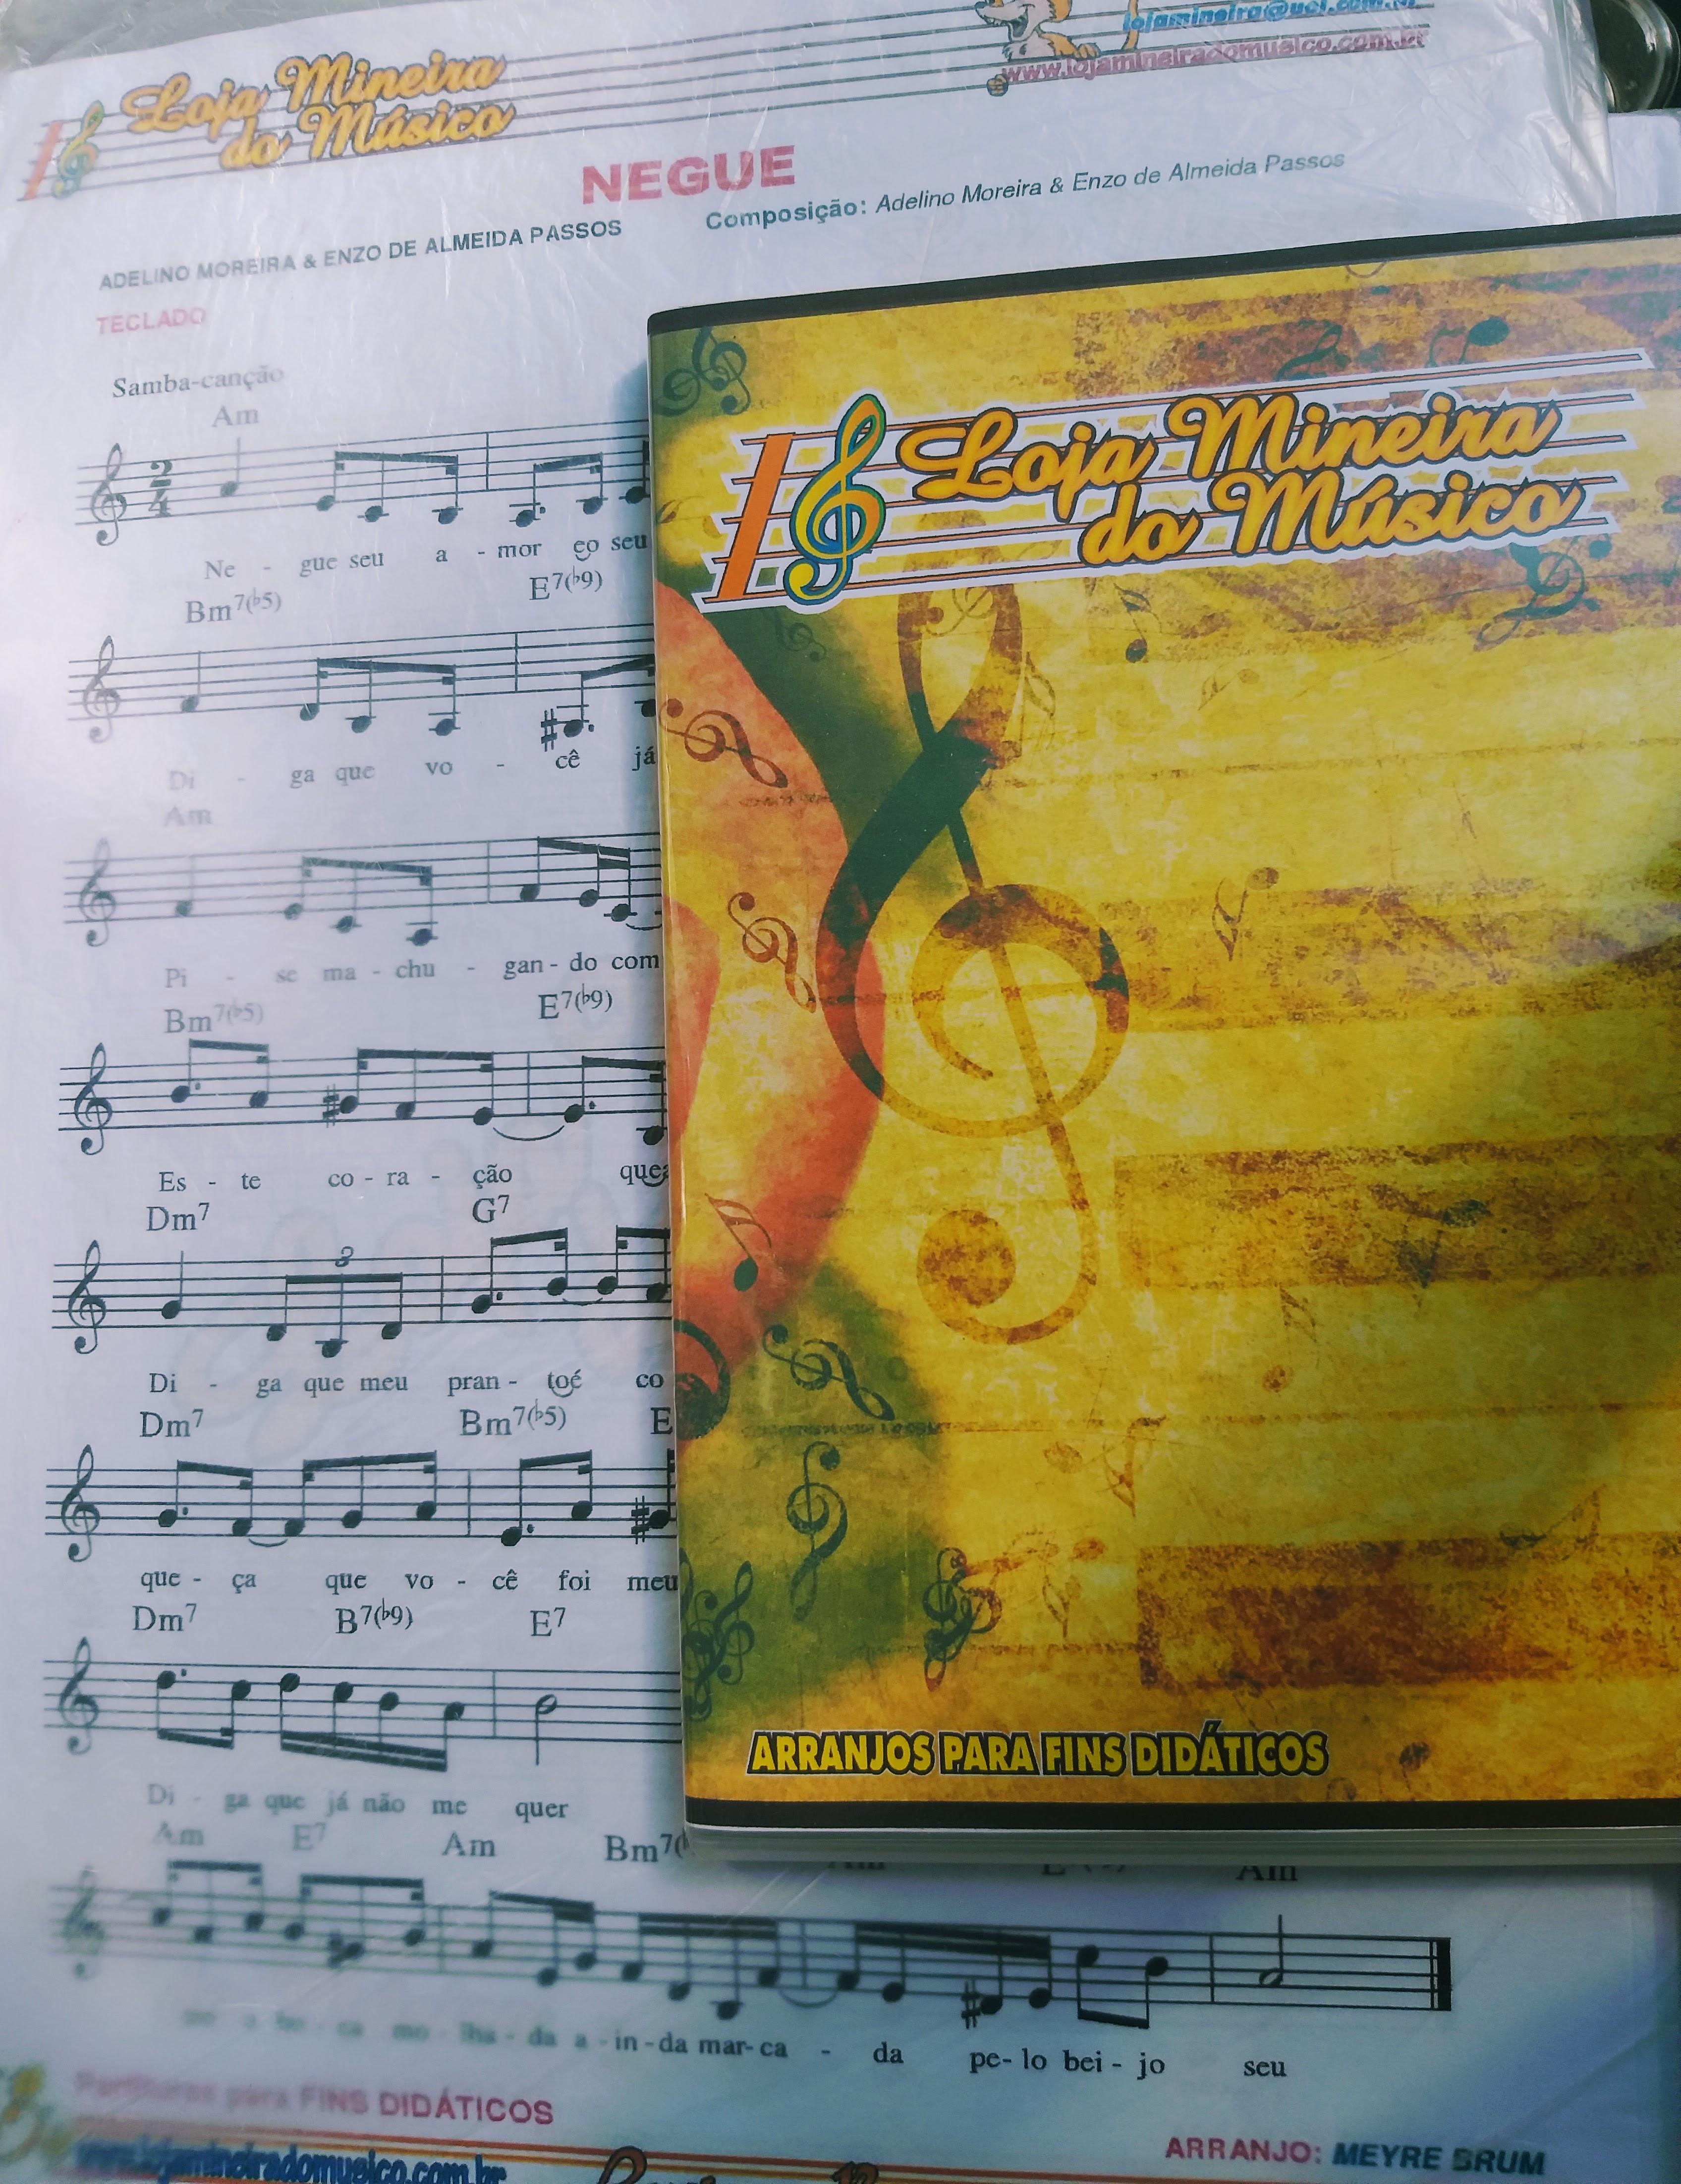 Ritmo de Samba Partitura em PDF Loja Mineira do Musico